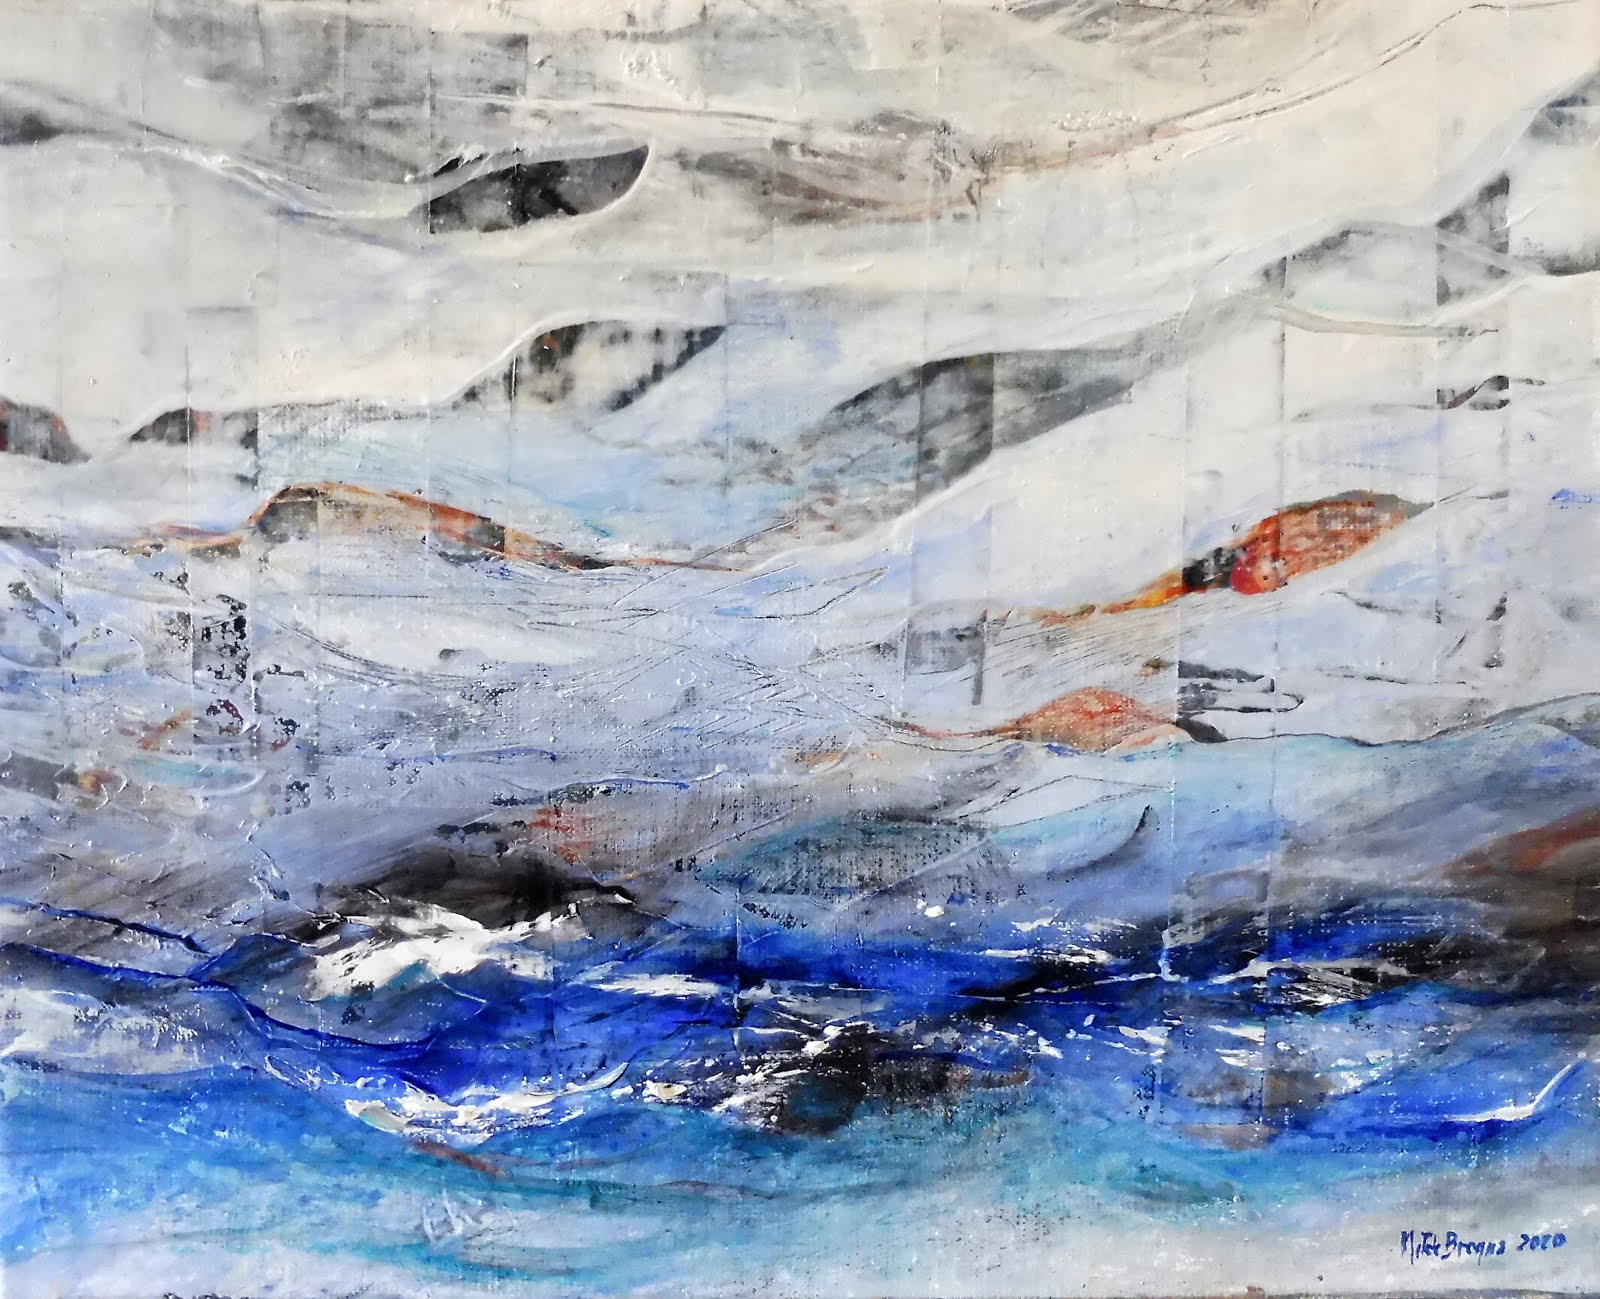 Petites vagues - 41 x 33 cm - 2020